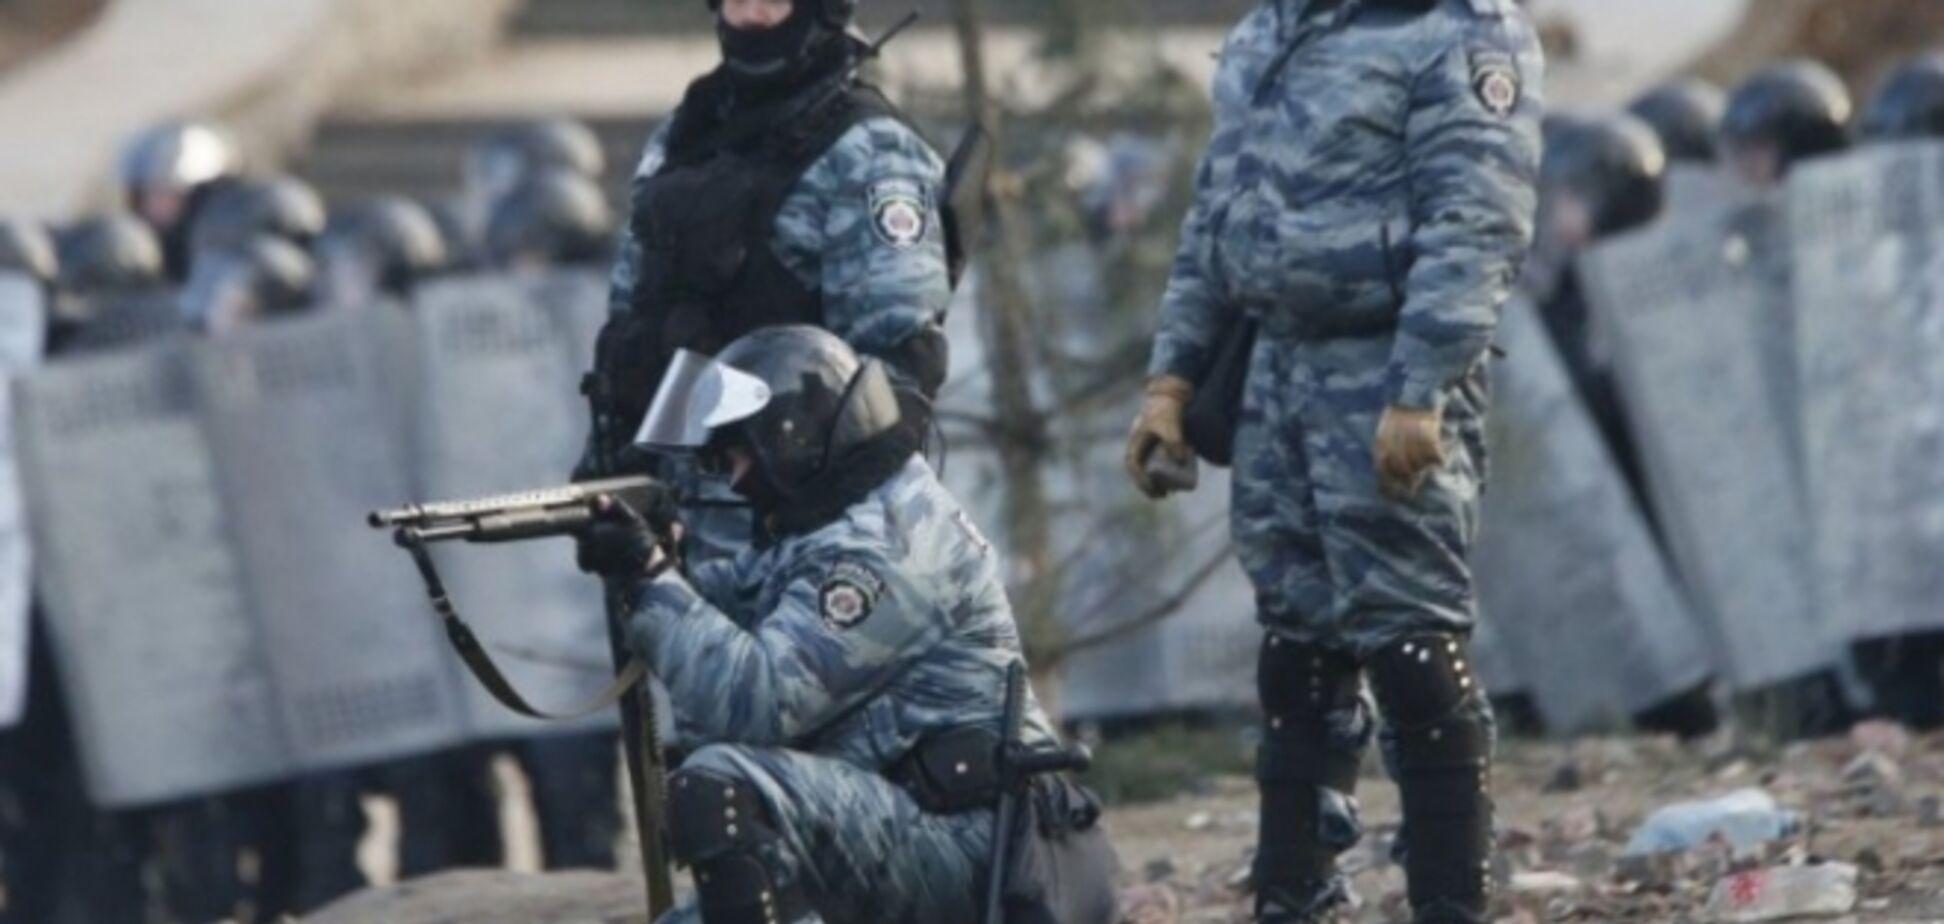 Адвокаты требуют отстранить судью за освобождение предполагаемого убийцы майдановцев